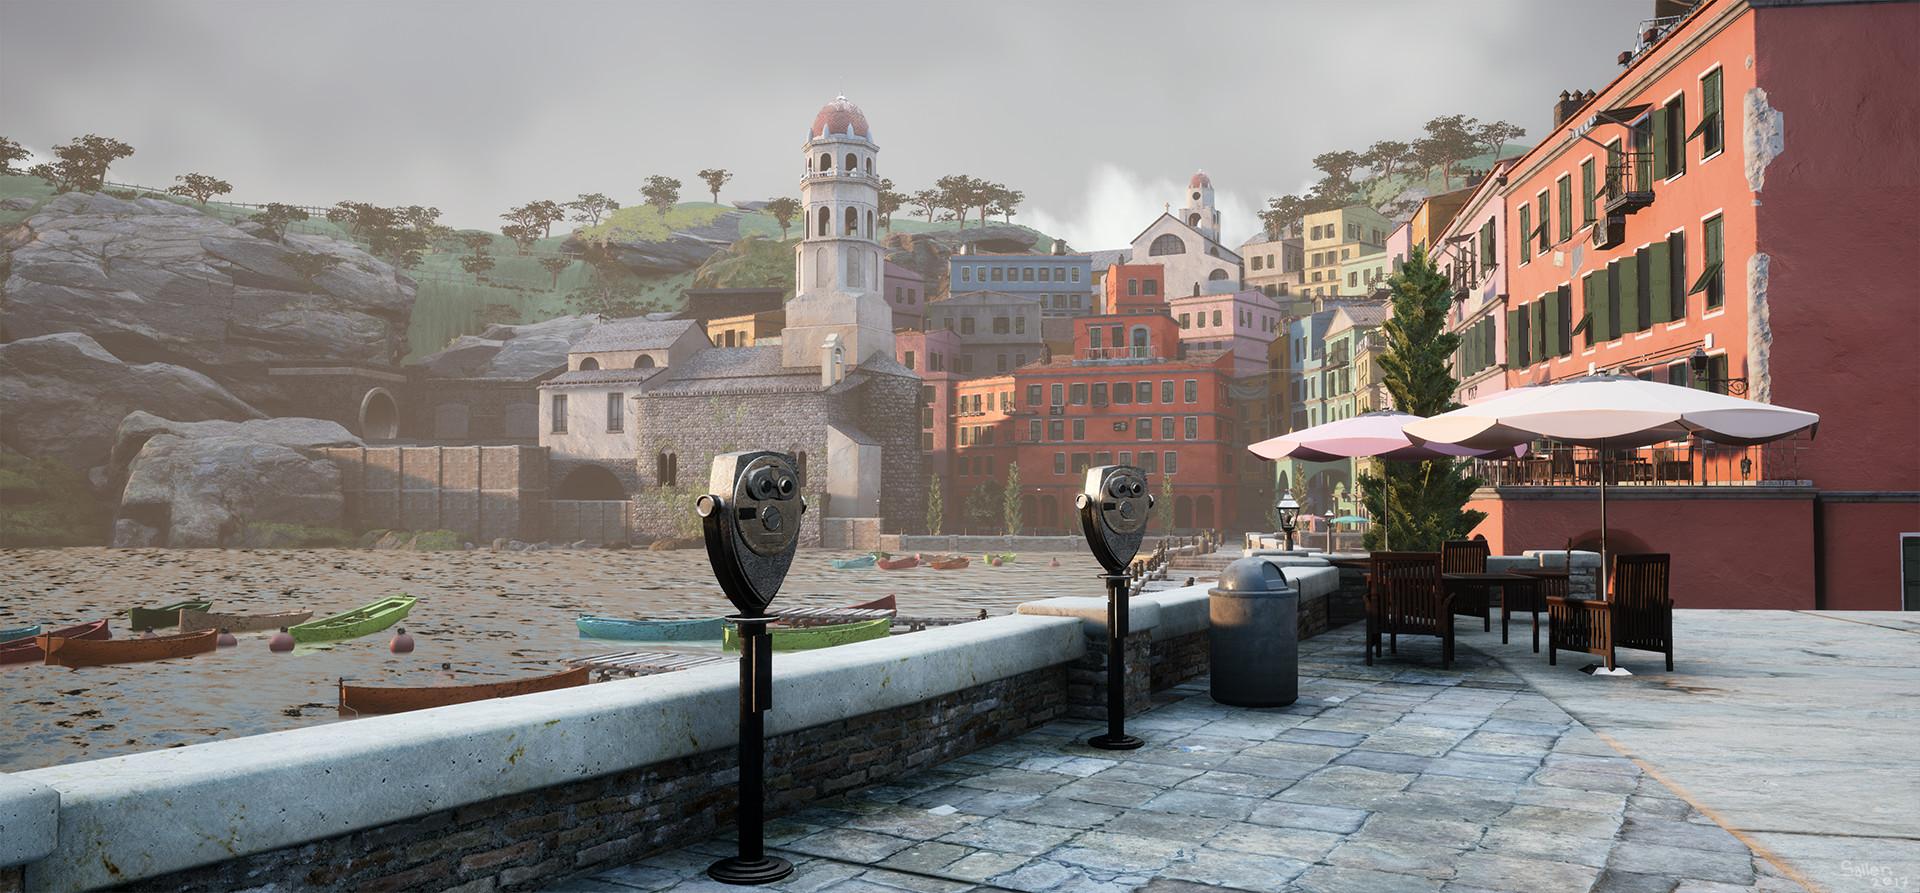 ArtStation - Cinque Terre, Italy - Vernazza Project UE4/VR